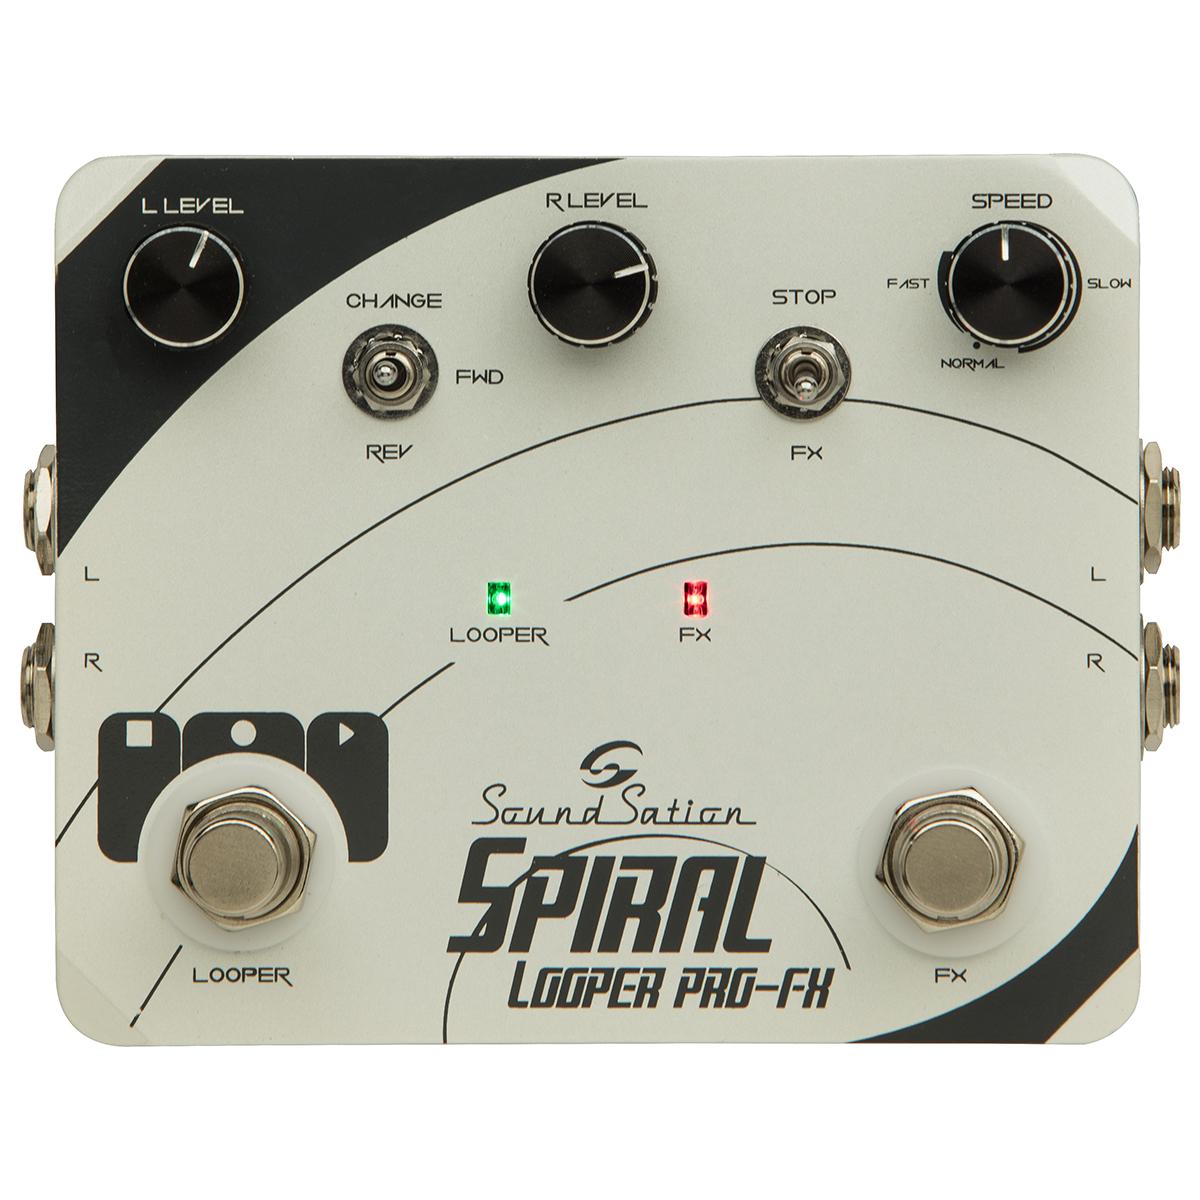 PEDALE SOUNDSATION SPIRAL LOOPER PRO-FX